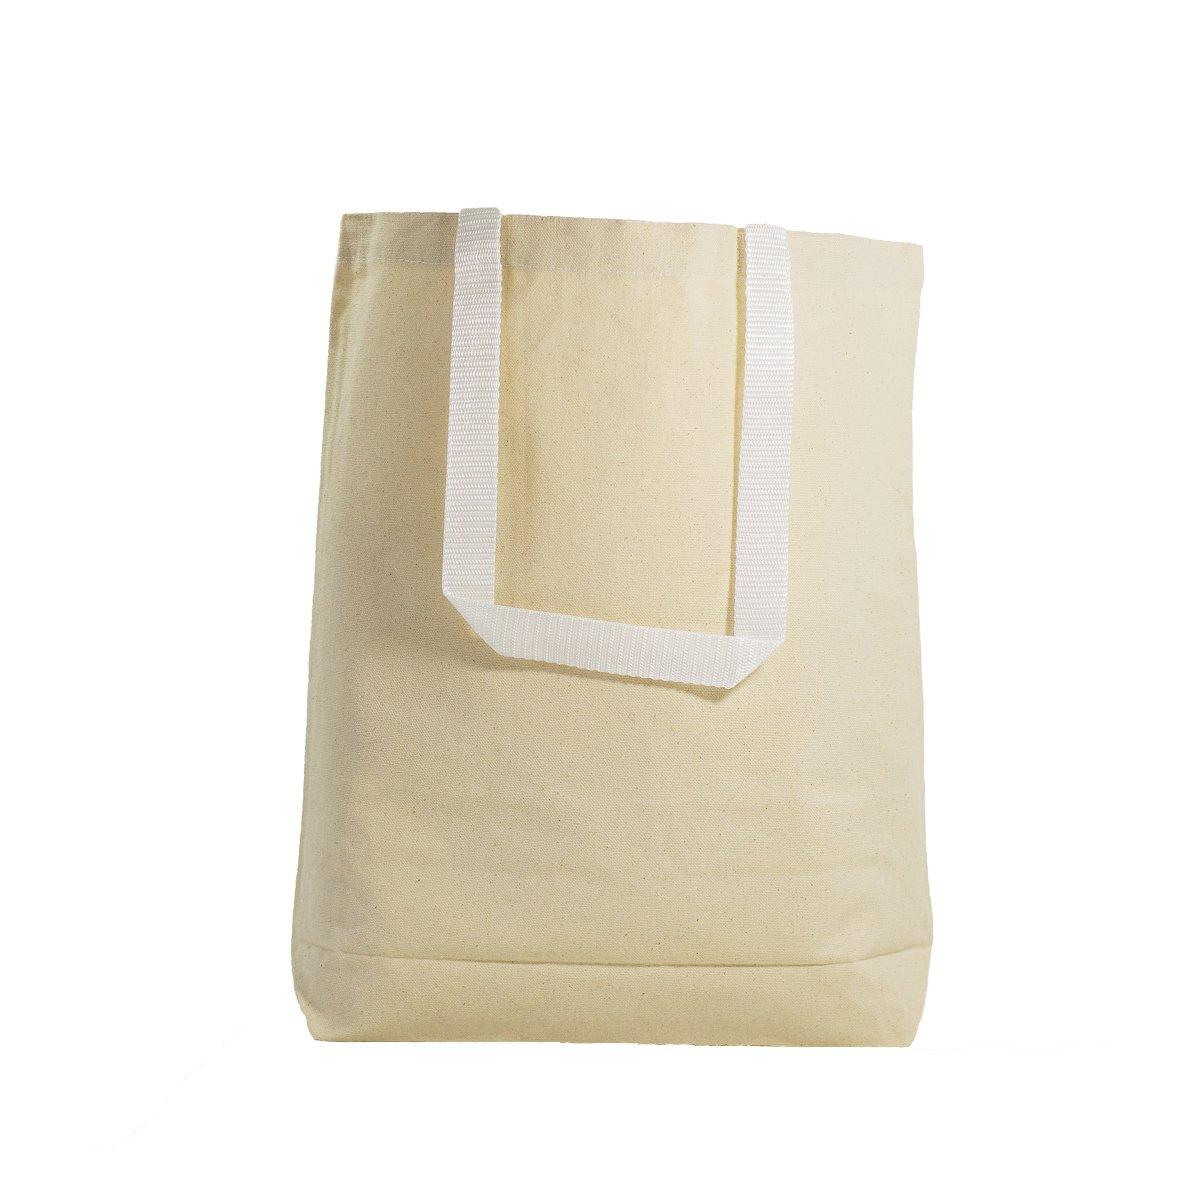 国内初の直営店 (Large, Royal) B01MSN8BVI - Multipurpose Cotton Canvas Tote ナチュラル Bags with Cotton White Handles (Small, Medium, Large) (Large, Royal) B01MSN8BVI ナチュラル L L ナチュラル, CLAMP:fc618f0b --- arianechie.dominiotemporario.com